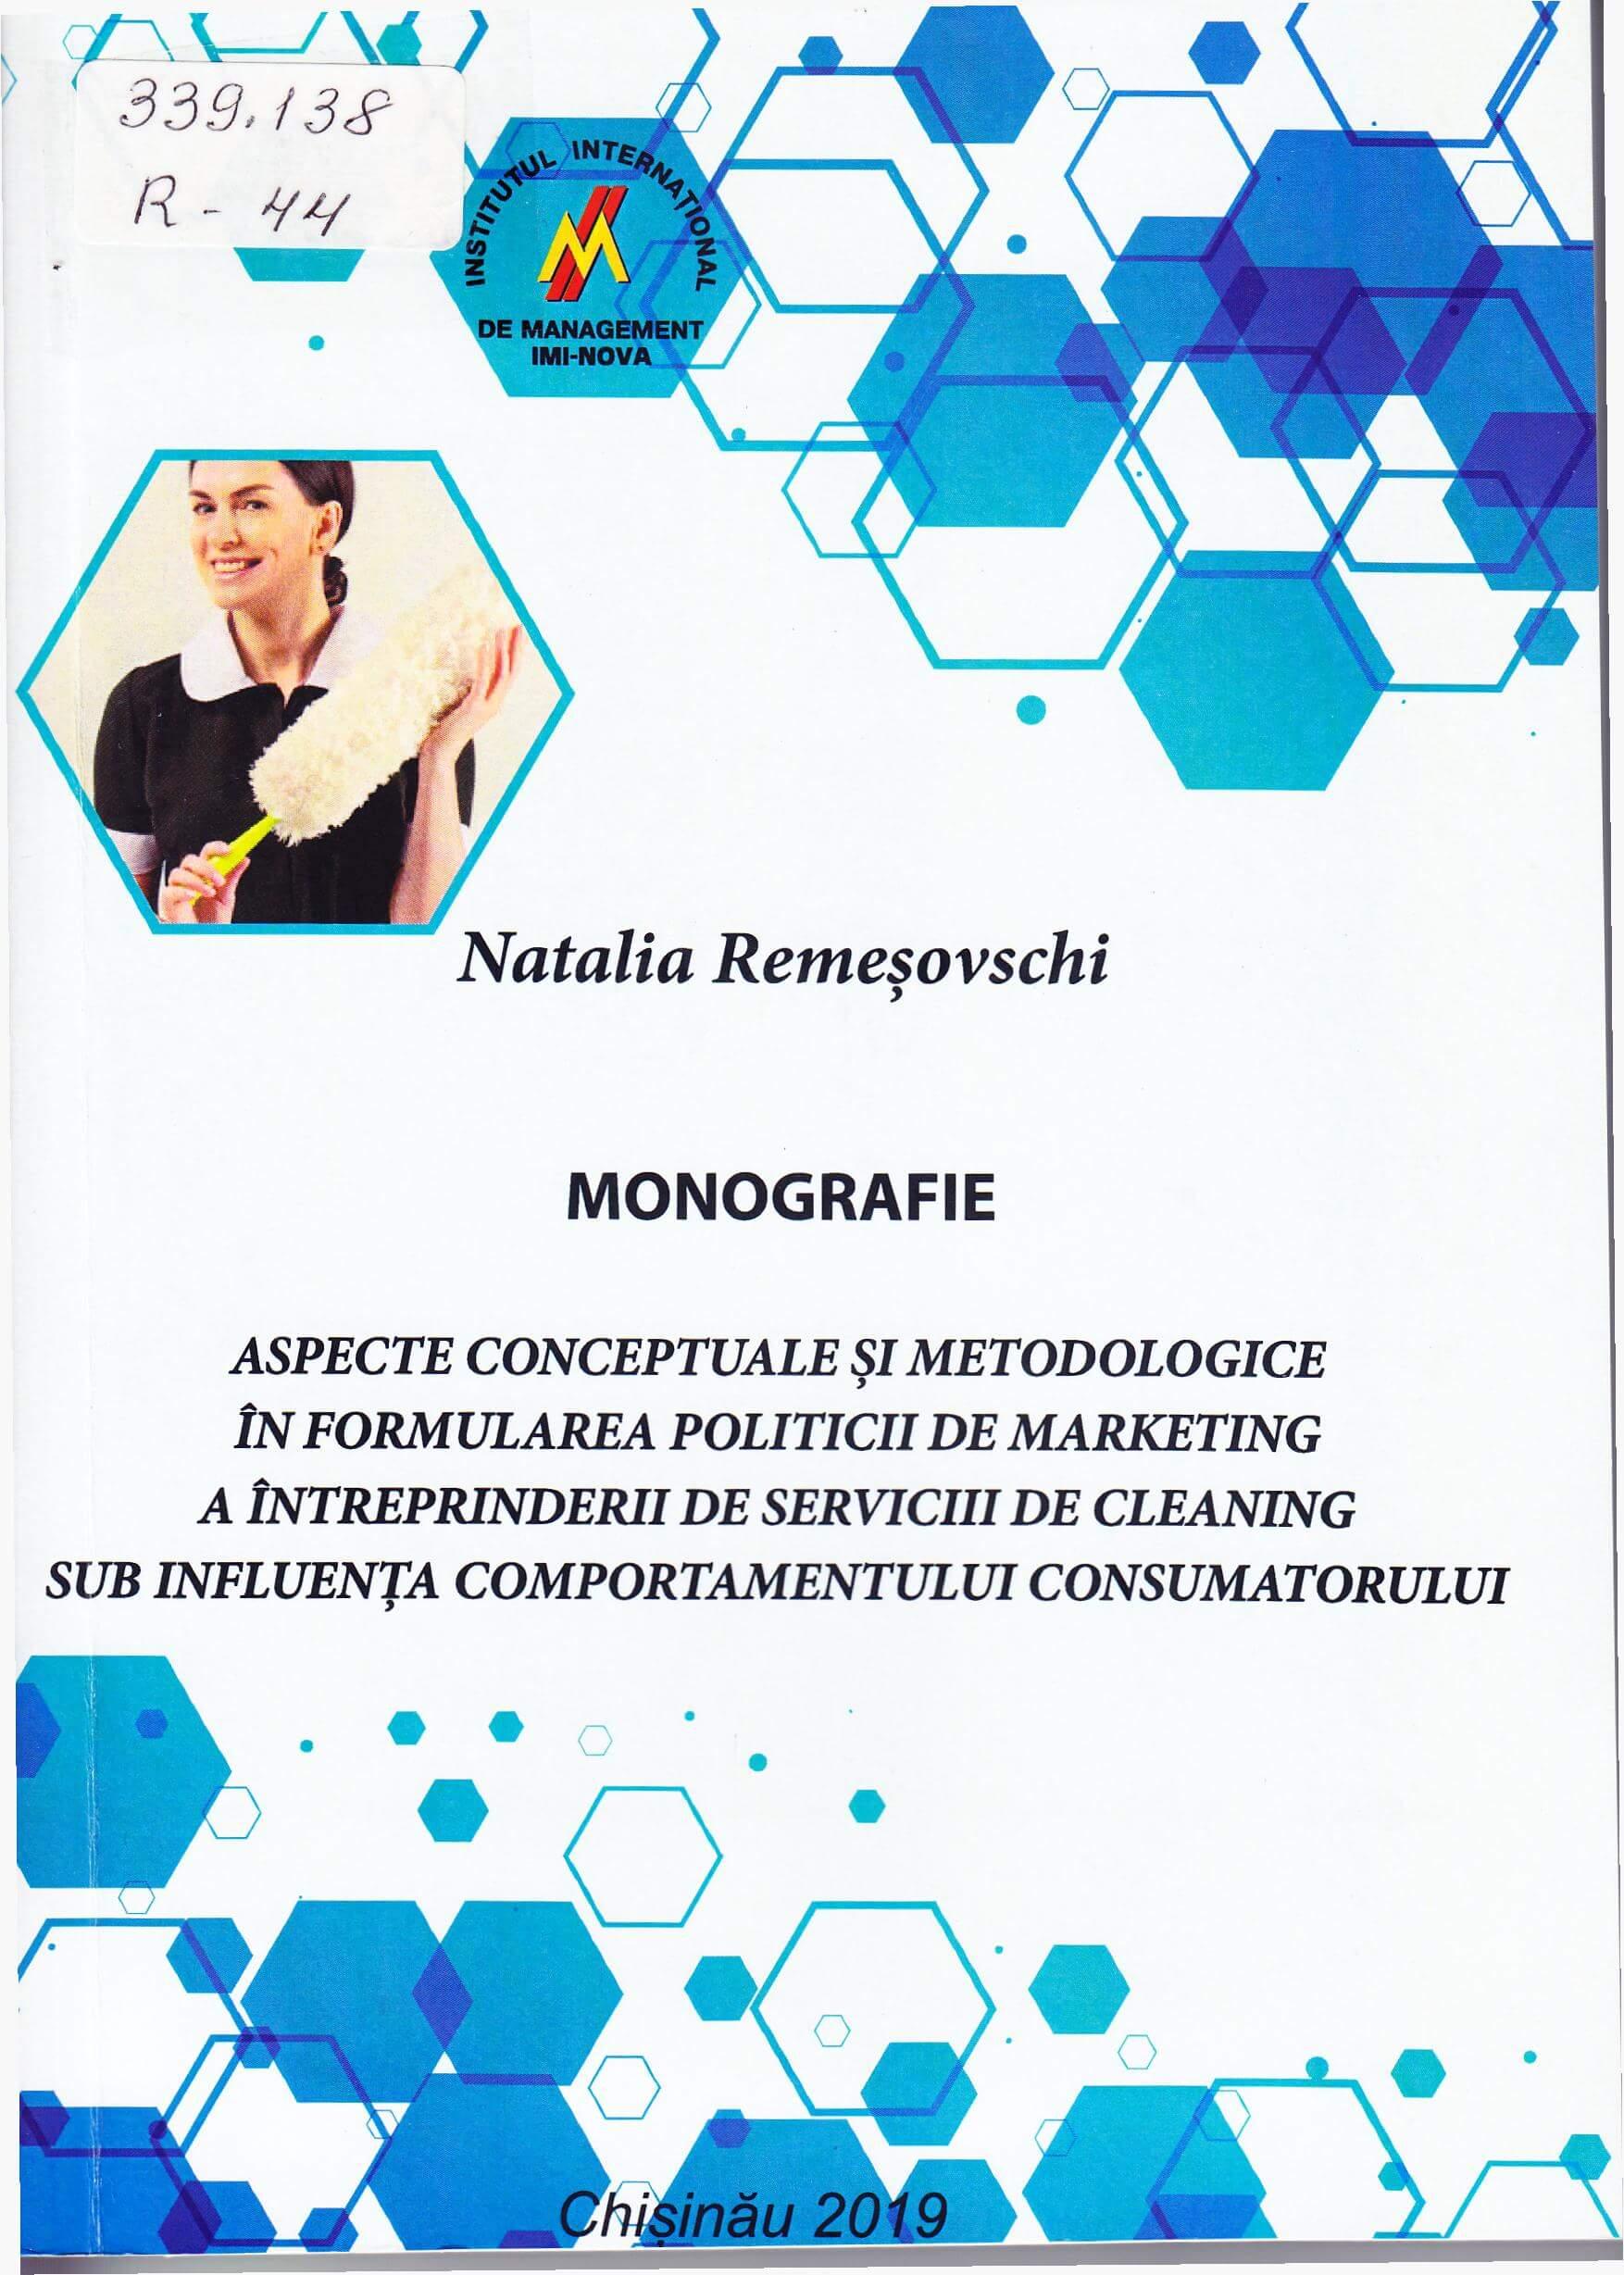 Aspecte conceptuale şi metodologice în formularea politicii de marketing a întreprinderii de servicii de cleaning sub influenţa comportamentului consumatorului: Monografie.